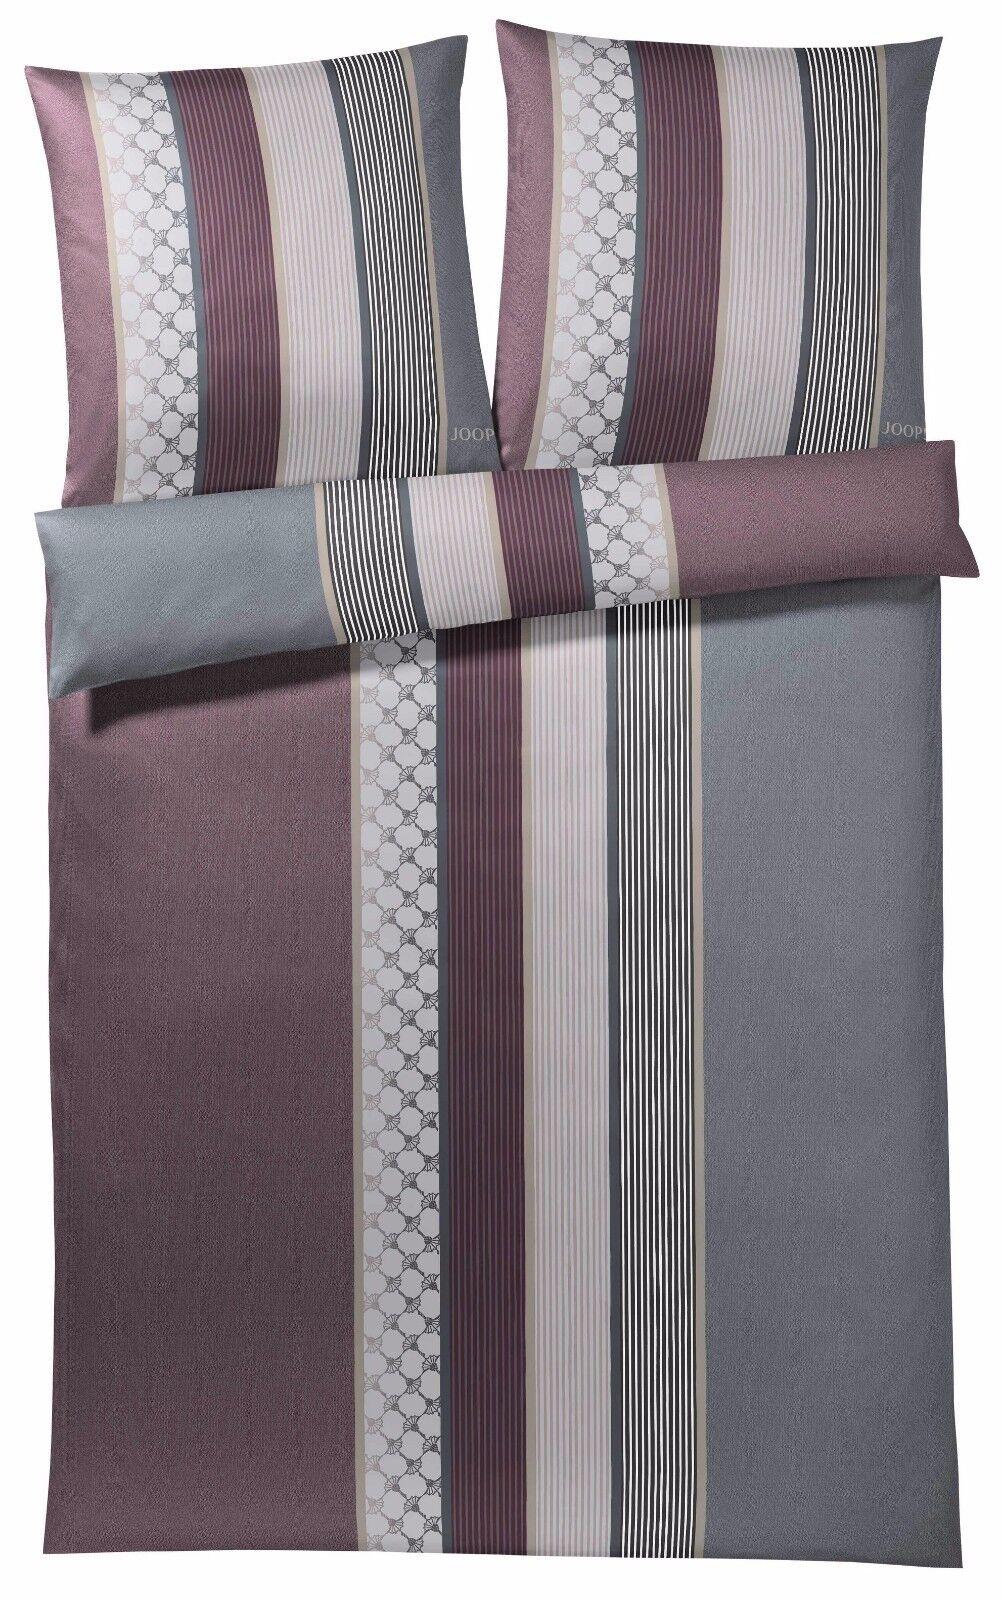 Detalles De Joop Ropa De Cama 135x200 Cm Cornflower Stripes Mako Satén 100 Algodón 4 Colores Ver Título Original